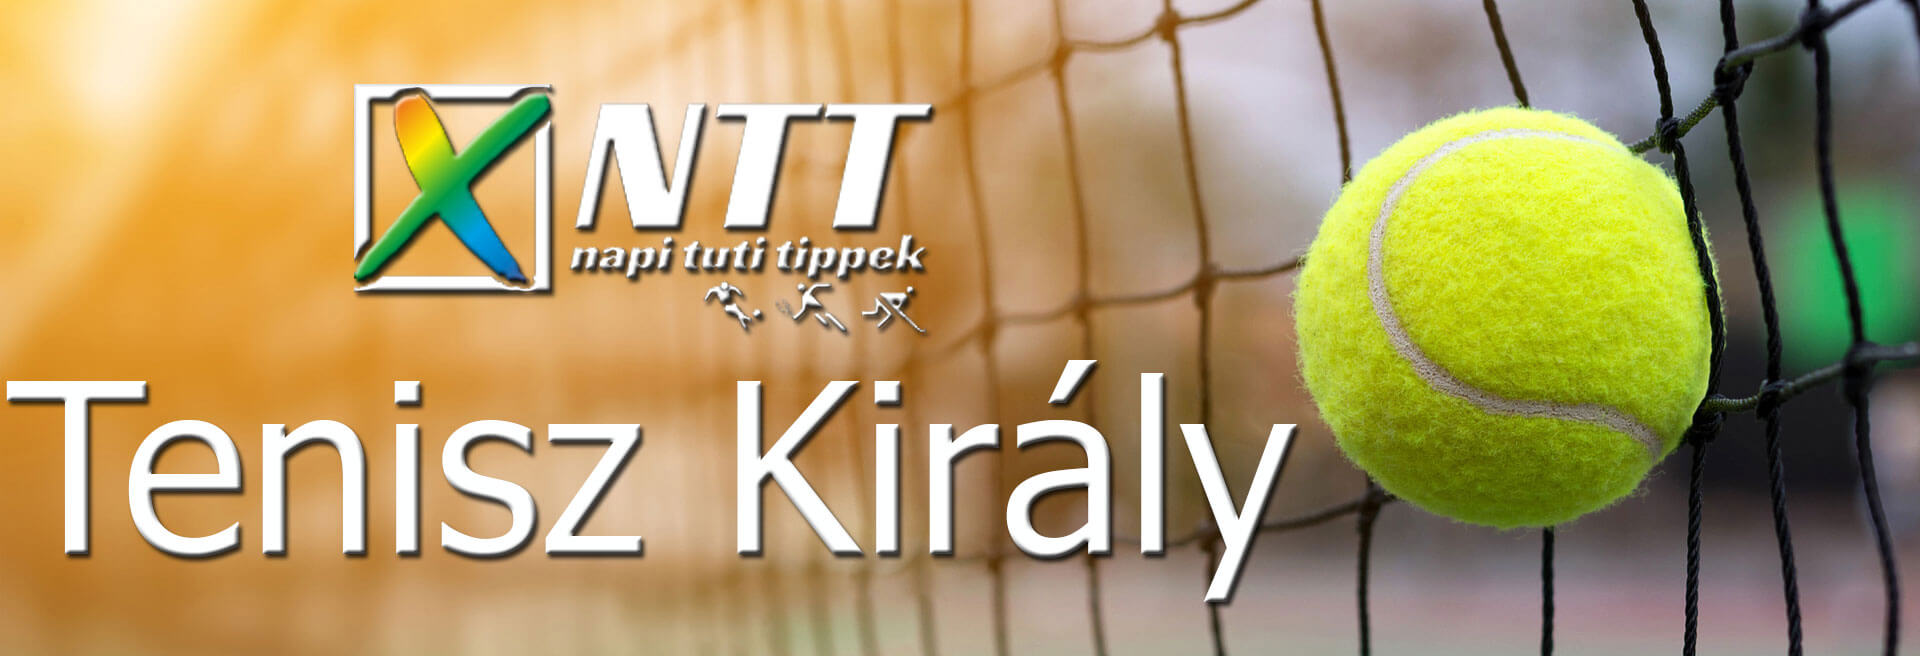 Kidolgozott Kőkemény Tippmix tippek és szisztémák: Tippmix tippek, mérkőzés elemzések, statisztikai adatok. Napi ingyenes tippek. Csatlakozz Magyarország legsikeresebb sportfogadó csapatához!